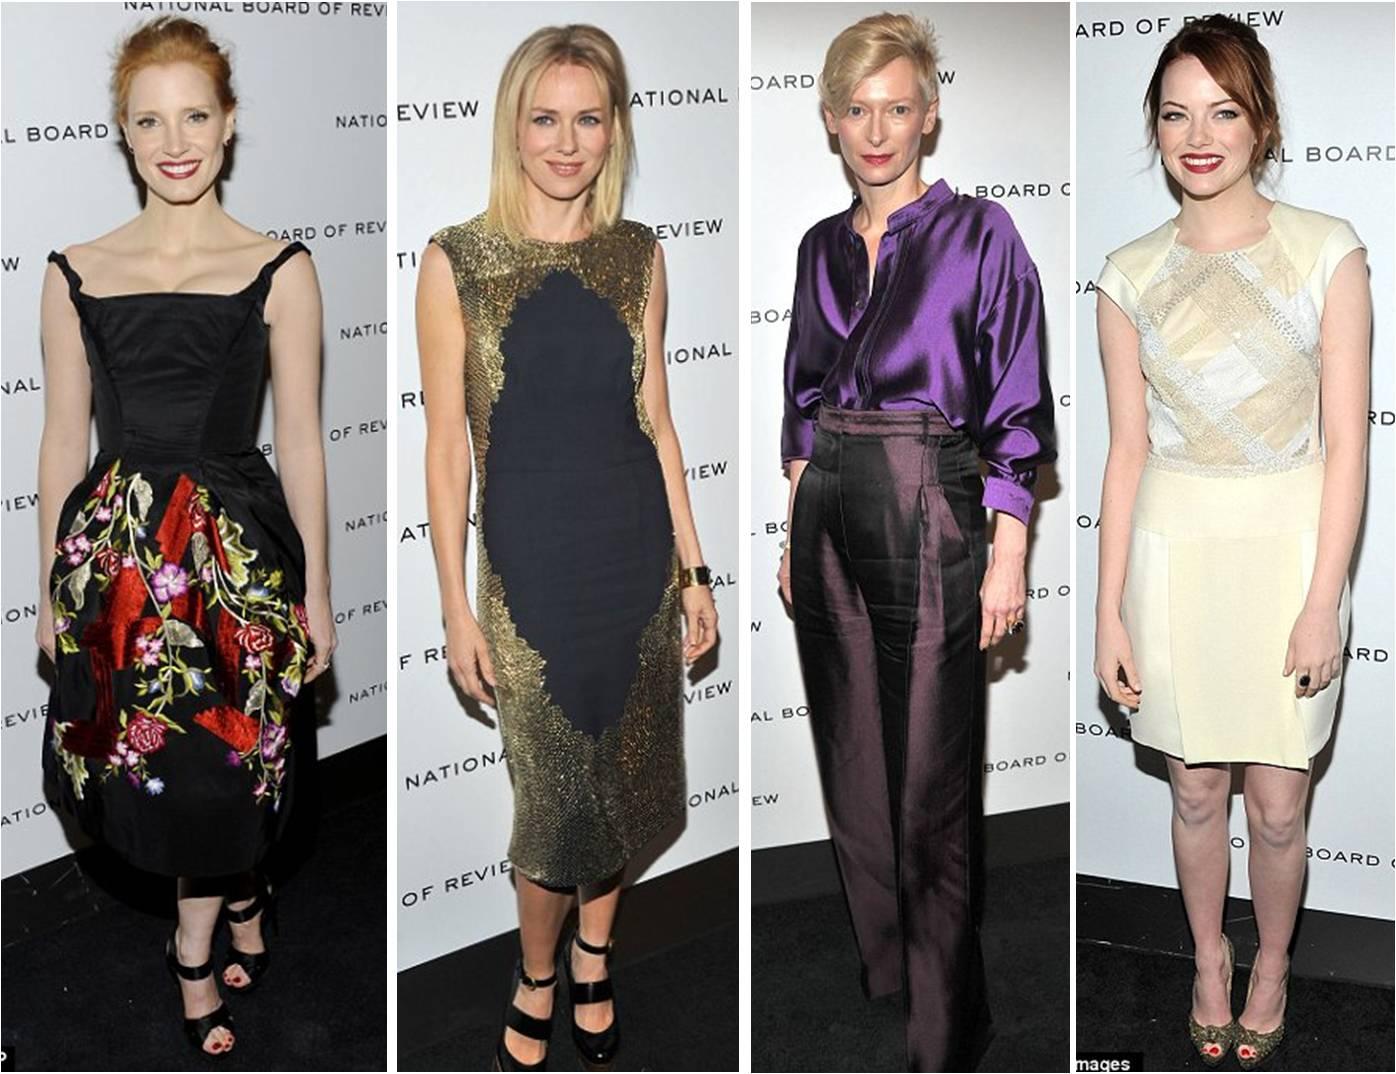 http://2.bp.blogspot.com/-knZKaBvM02w/Tw51wqmv1kI/AAAAAAAAIZ8/jEU09AFfdKc/s1600/National+Board+of+Review+Gala+Best+Dressed+Jessica+Chastain+Naomi+Watts+Tilda+Swinton+Emma+Stone.jpg